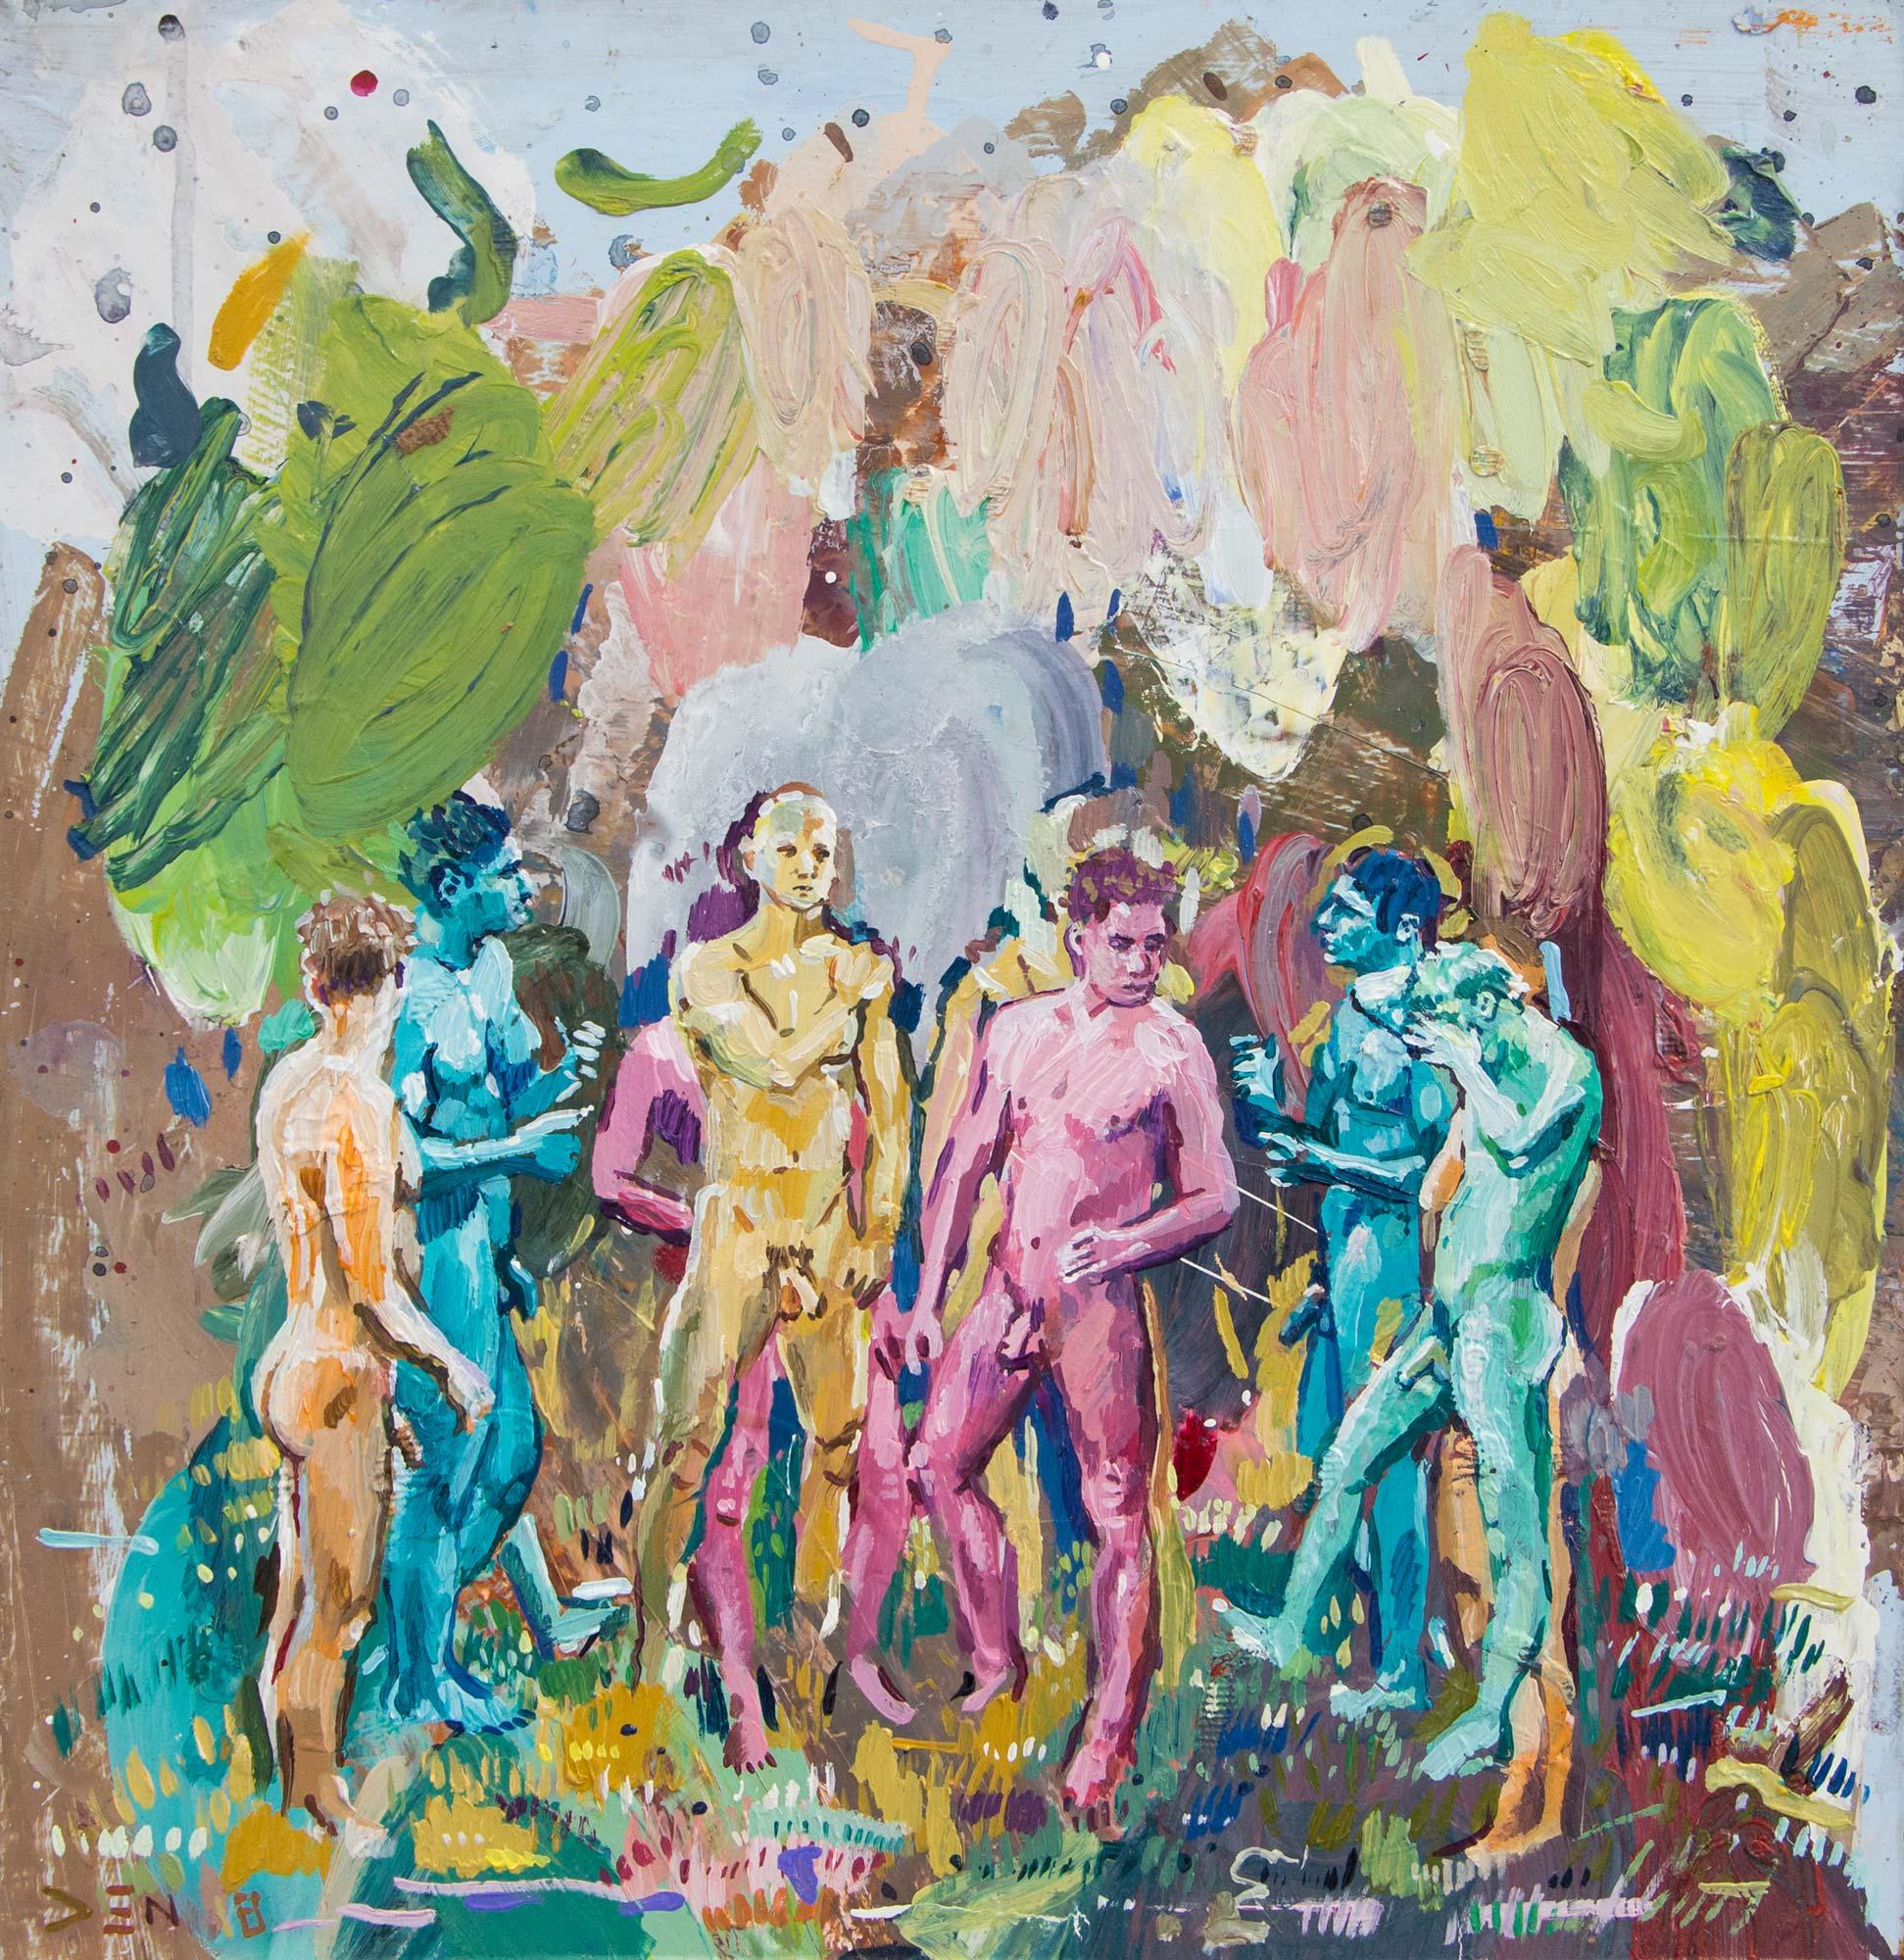 Jeunes Hommes De Films Pour Adultes. Oil on board. 35cm x 34cm